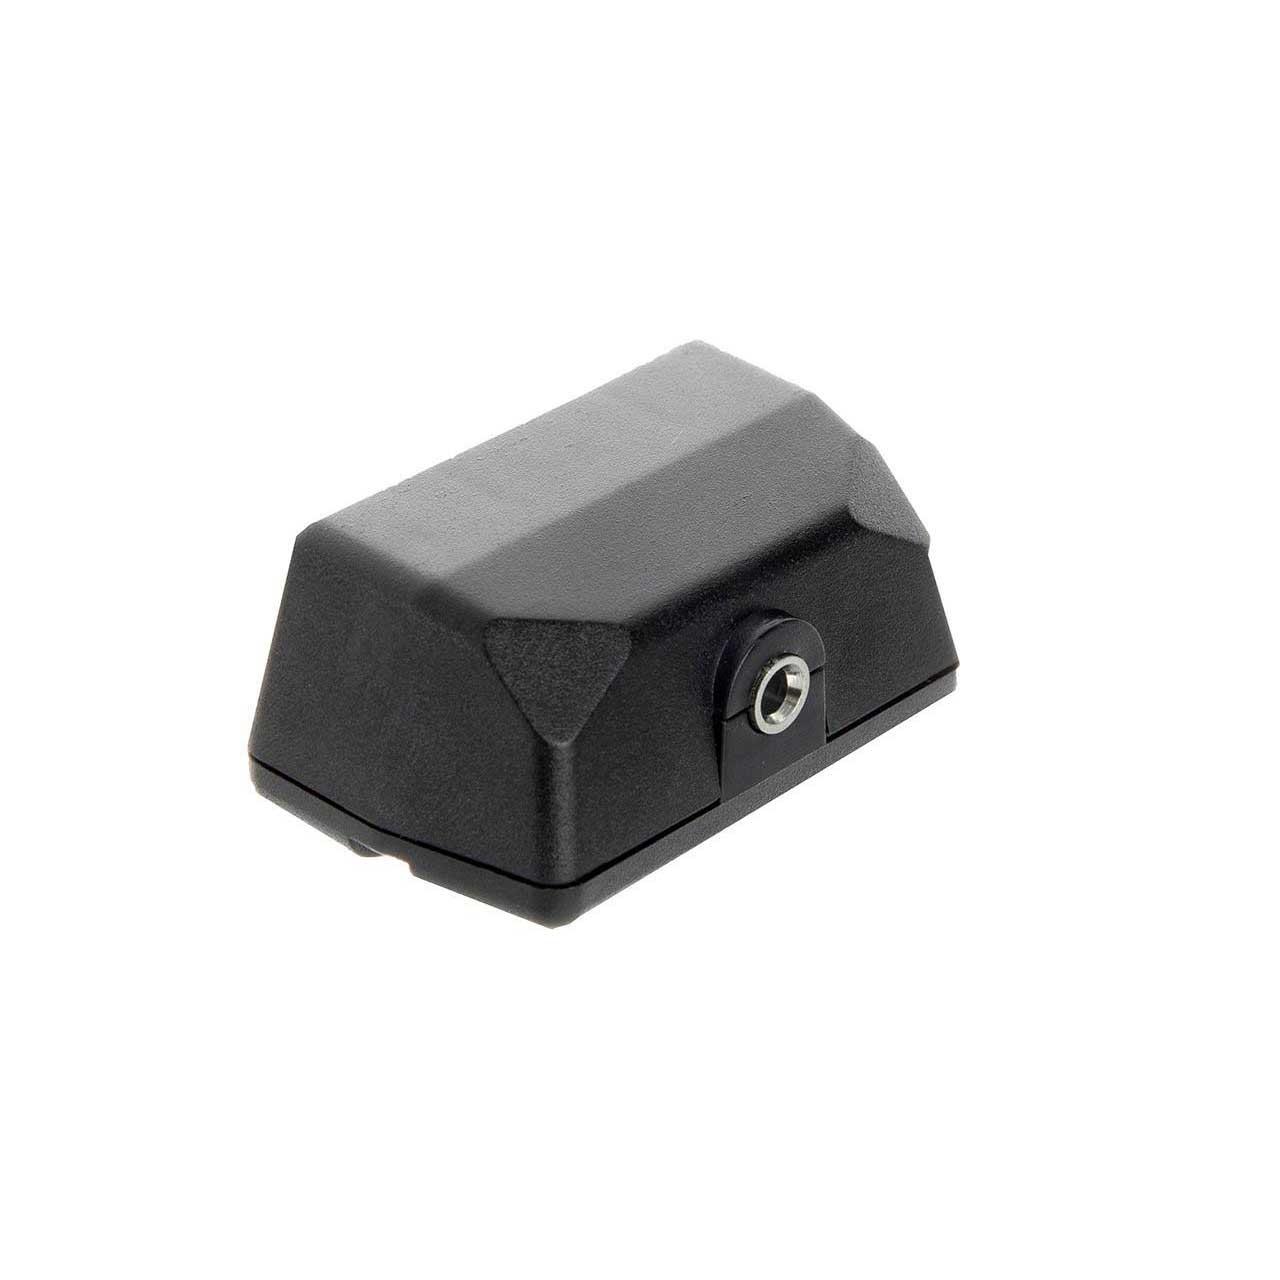 ضبط کننده صدا برند TSCO مدل TR906